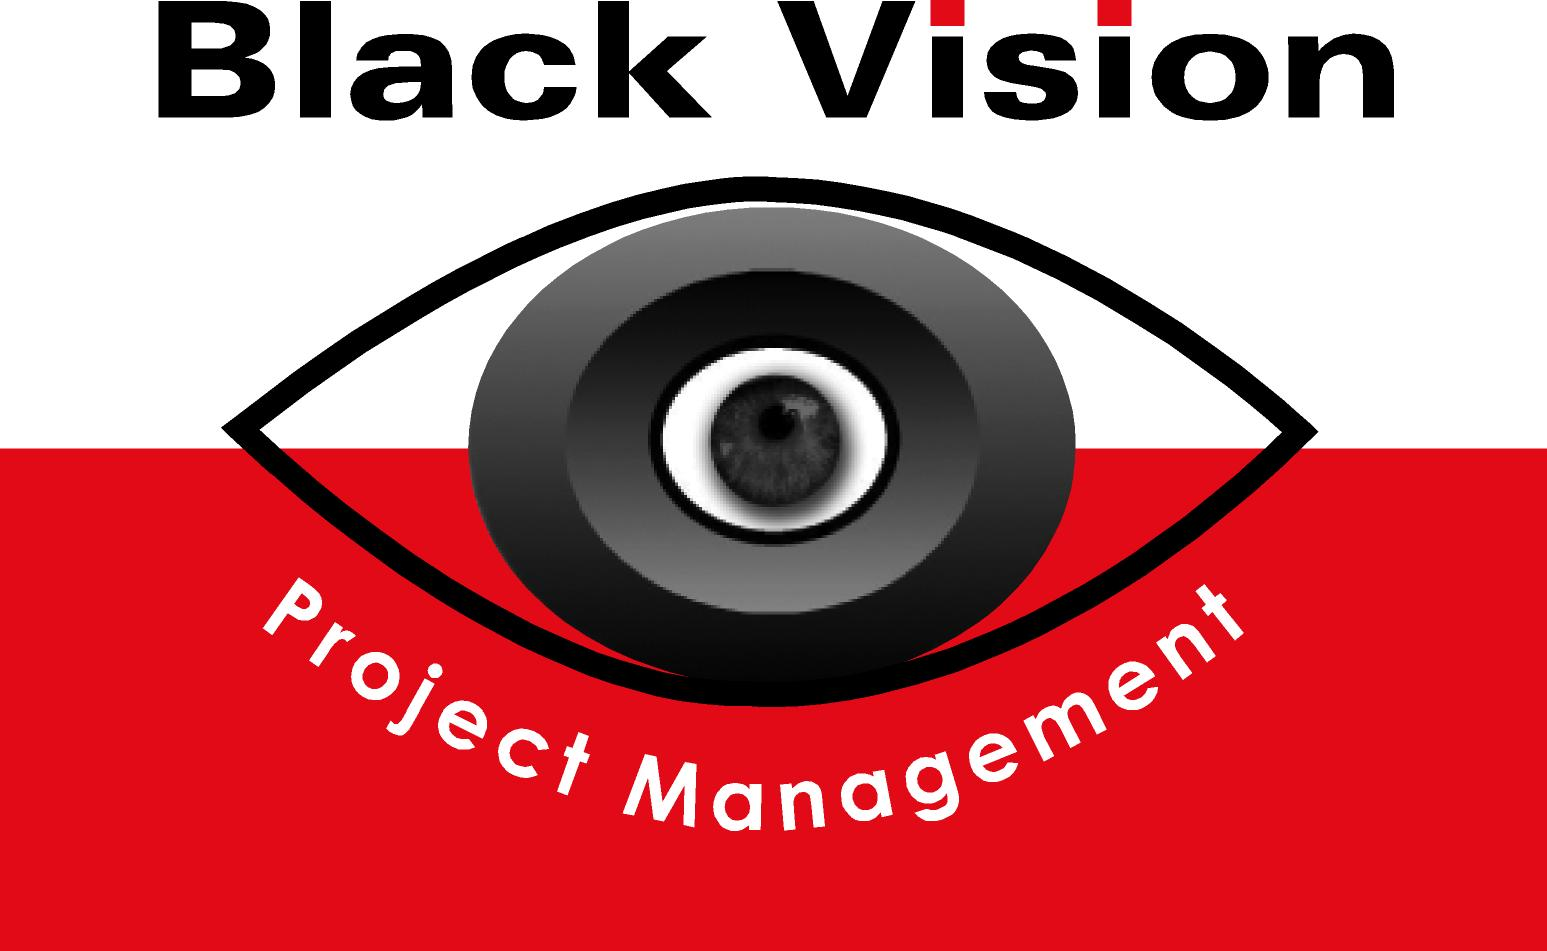 Black Vision Project Management CC